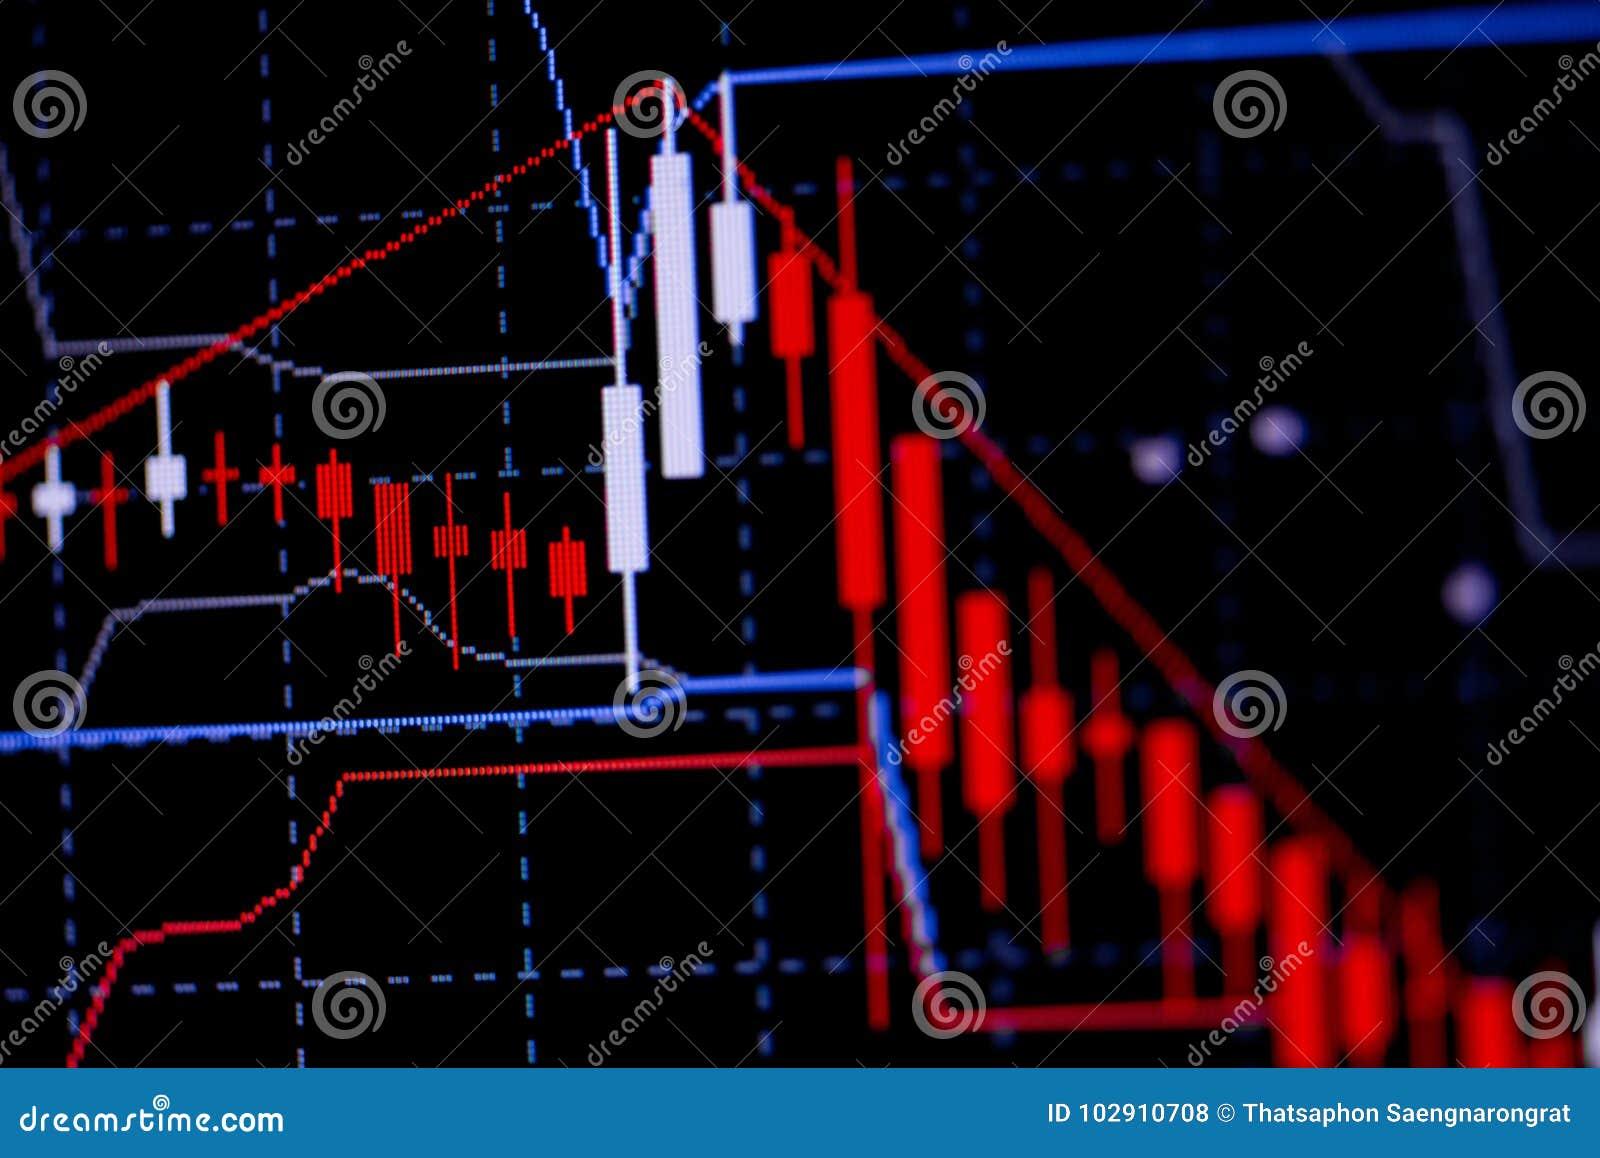 Mirez le diagramme de graphique de bâton avec l indicateur montrant le point à la hausse ou